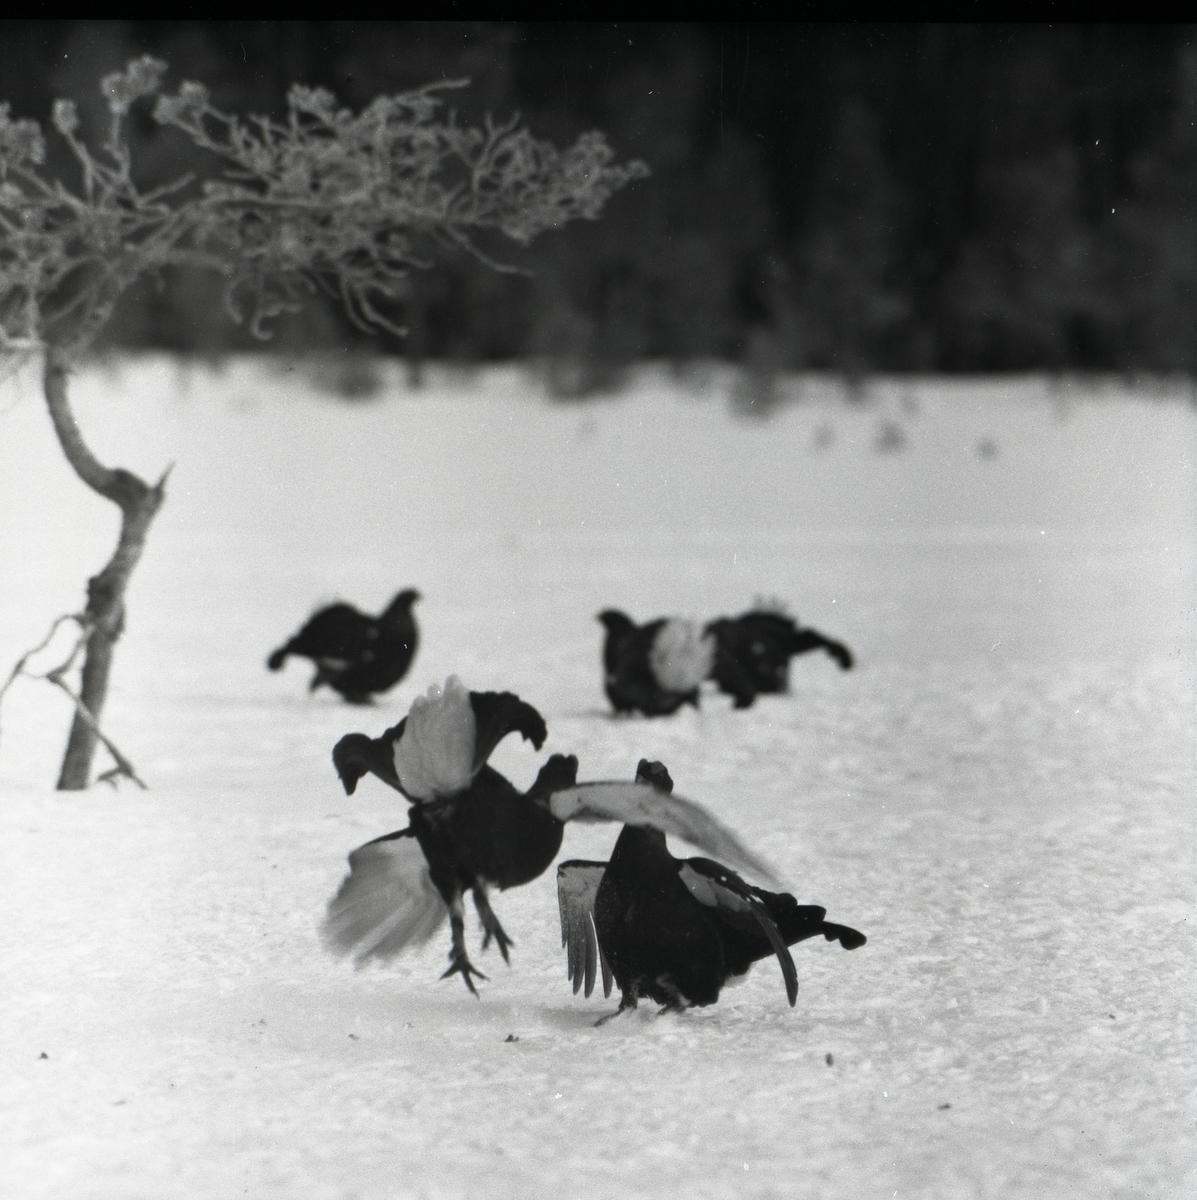 Orrtuppar spelar i snön vid en tall på påskdagen 10 april 1955.